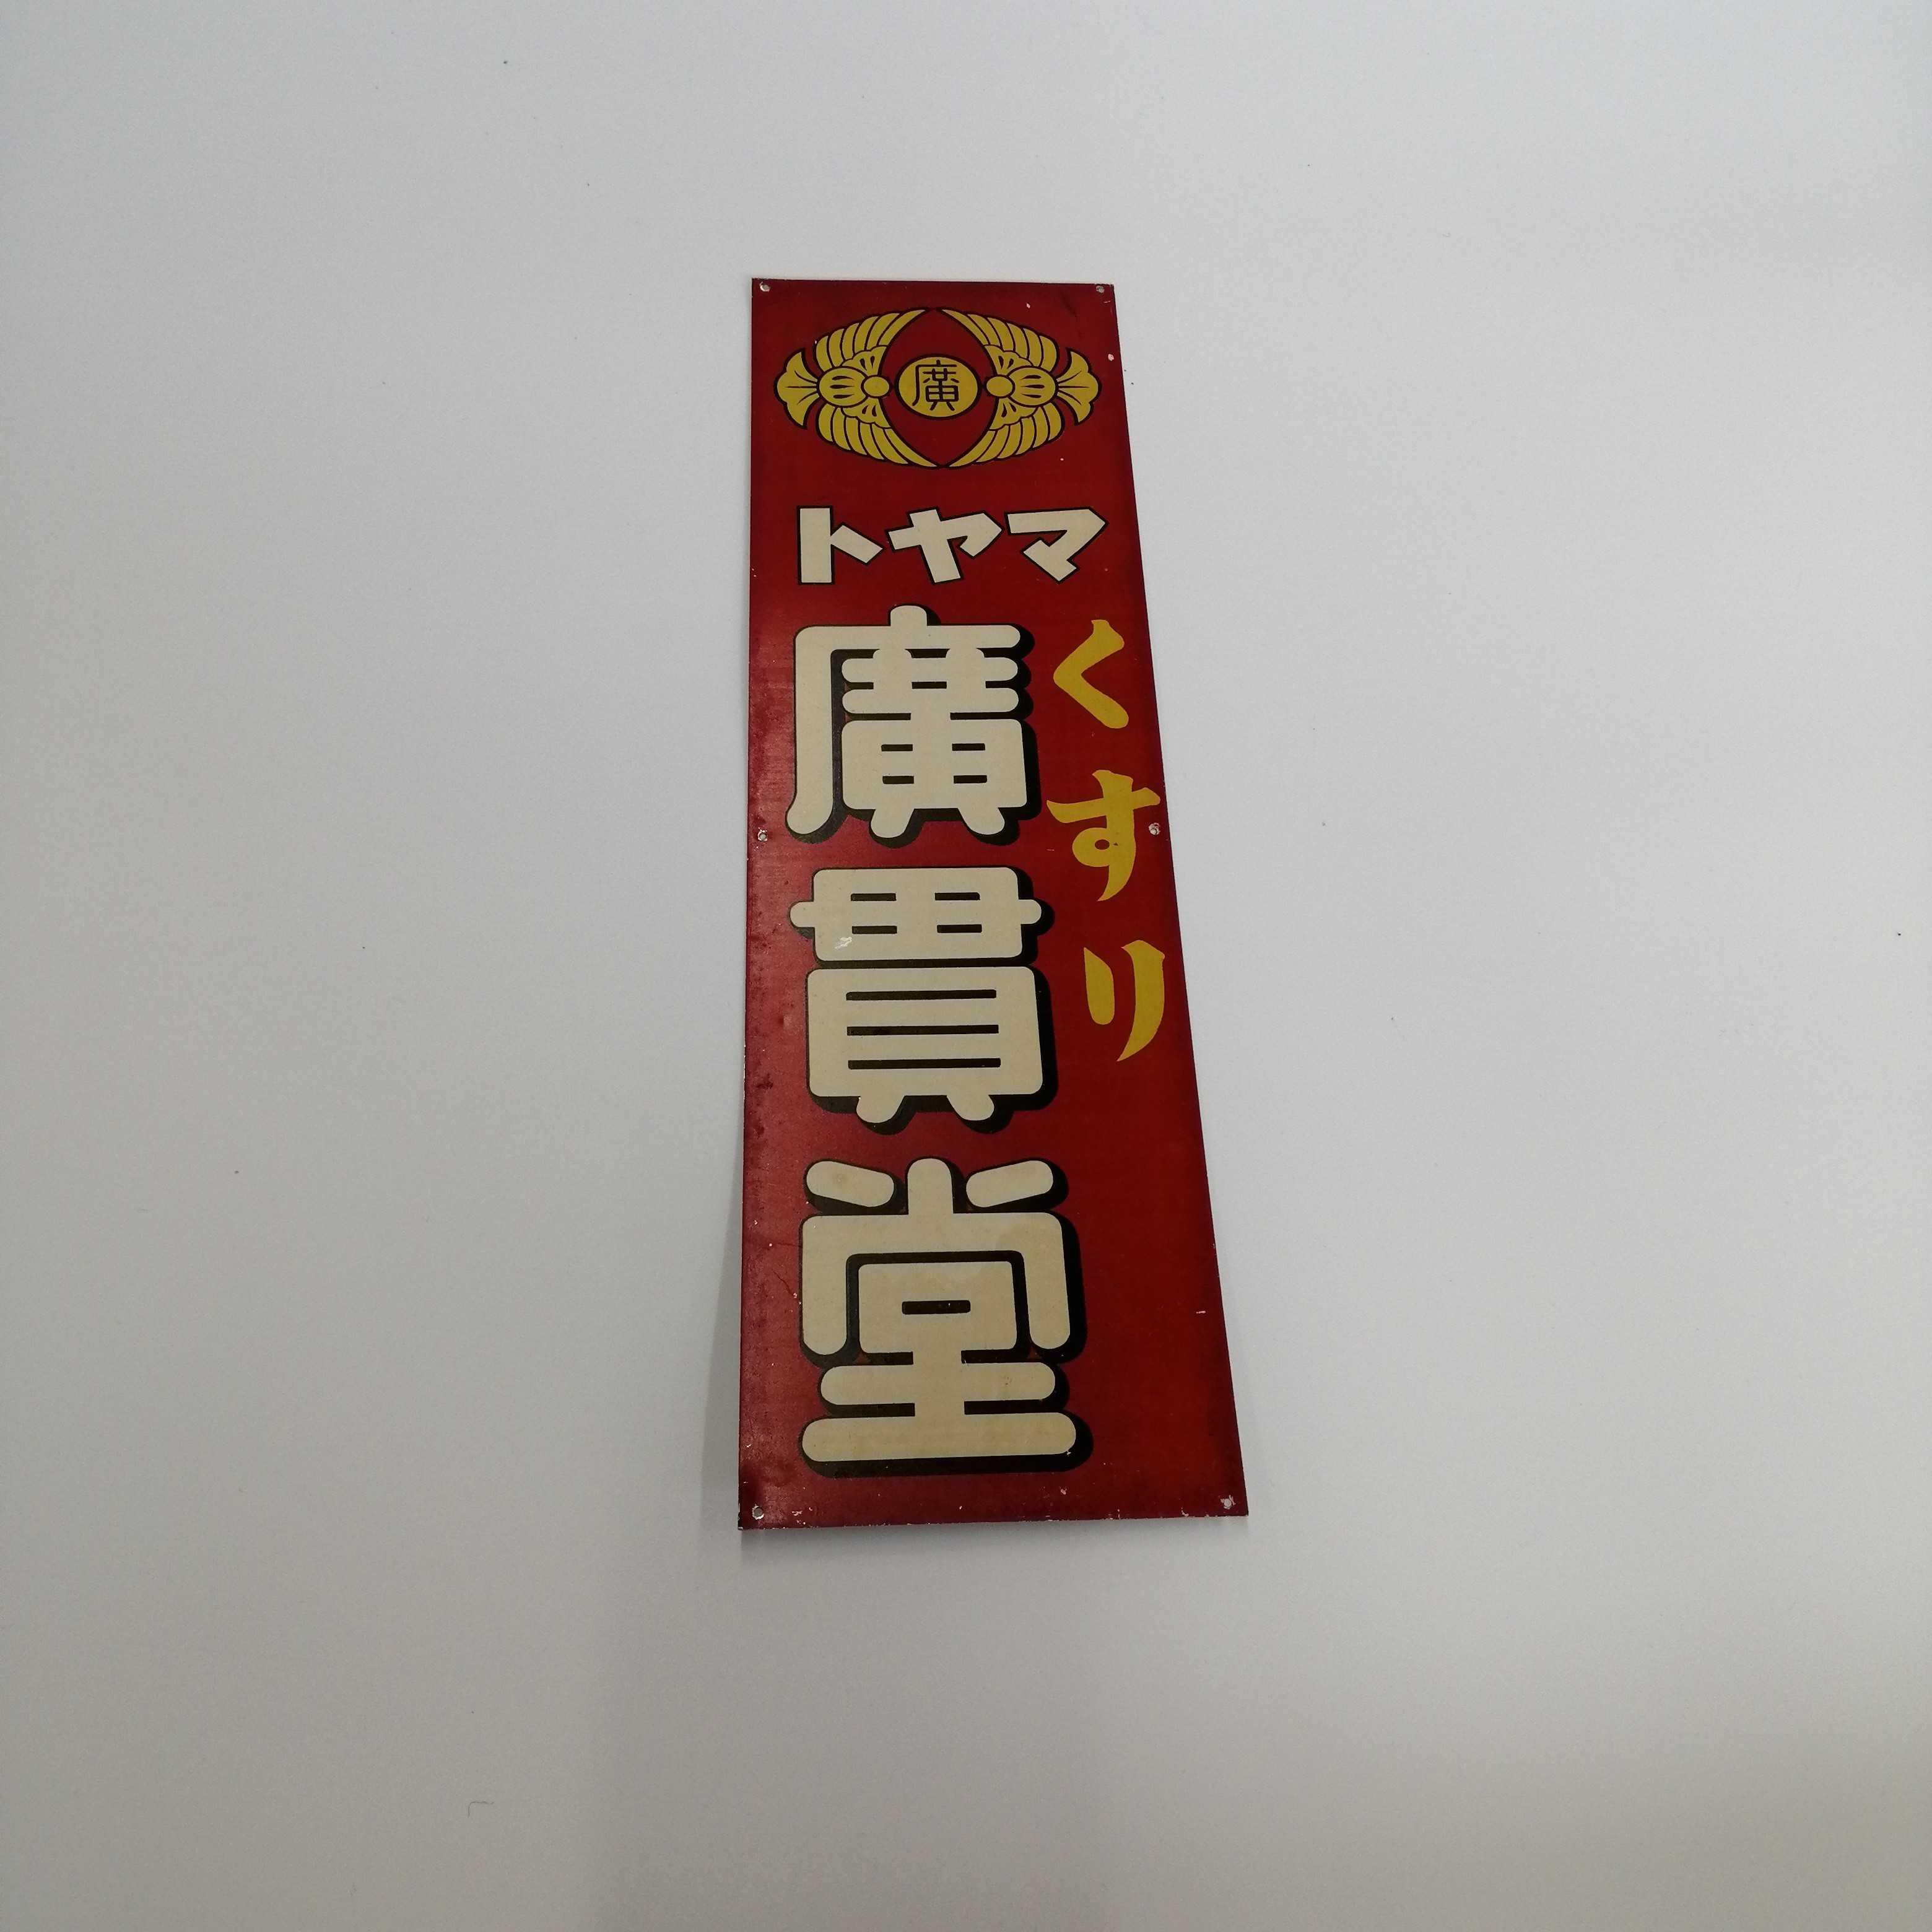 廣貫堂|レトロ看板